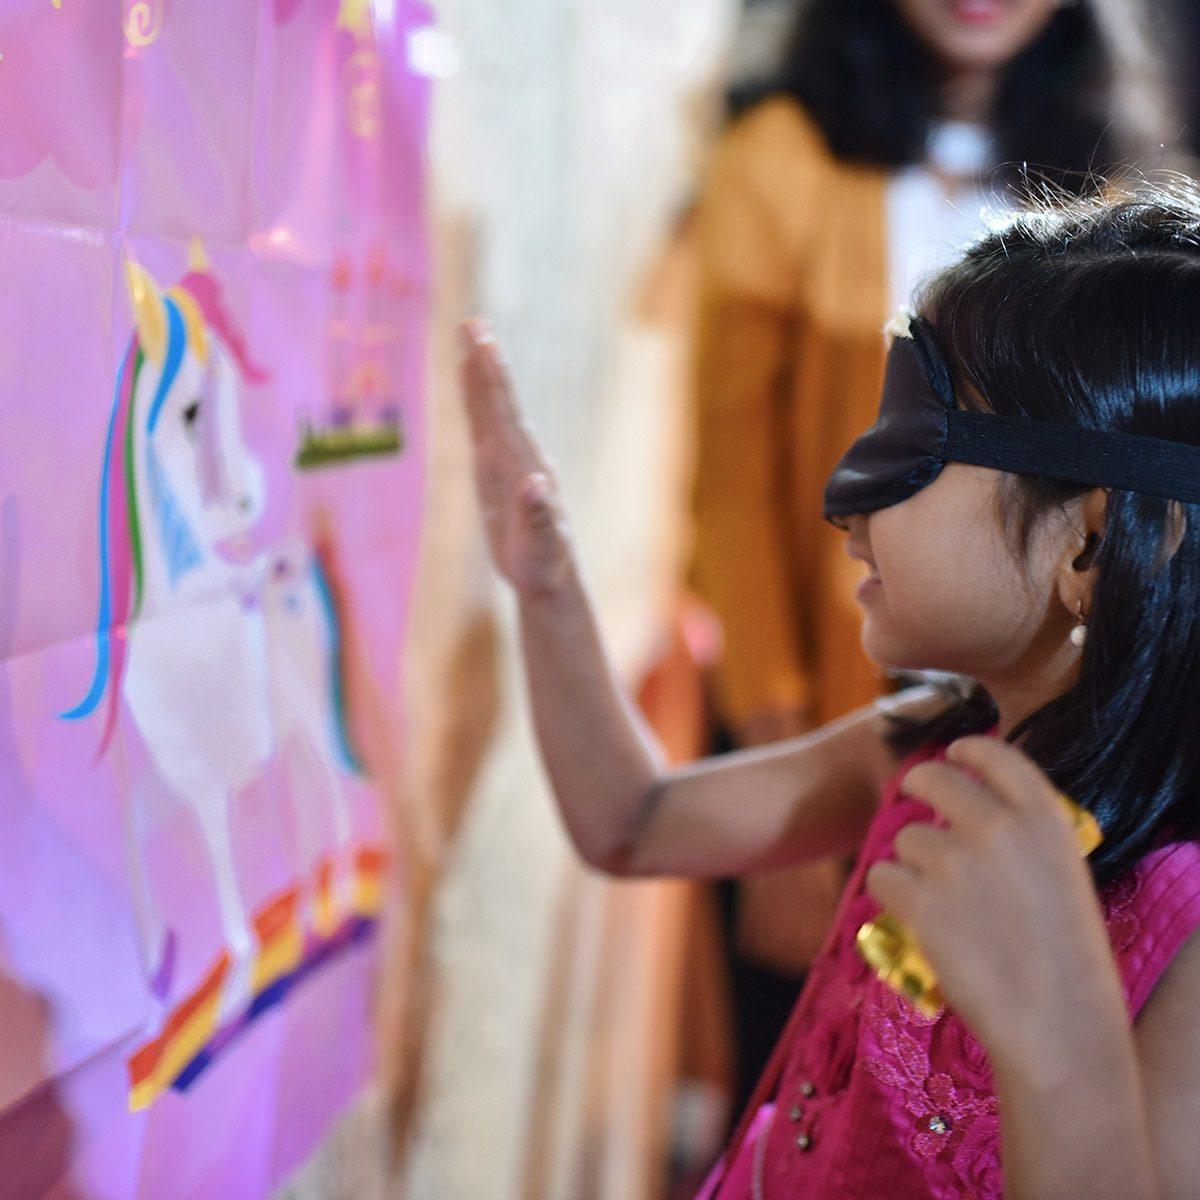 blindfolded girl pinning horn to Unicorn